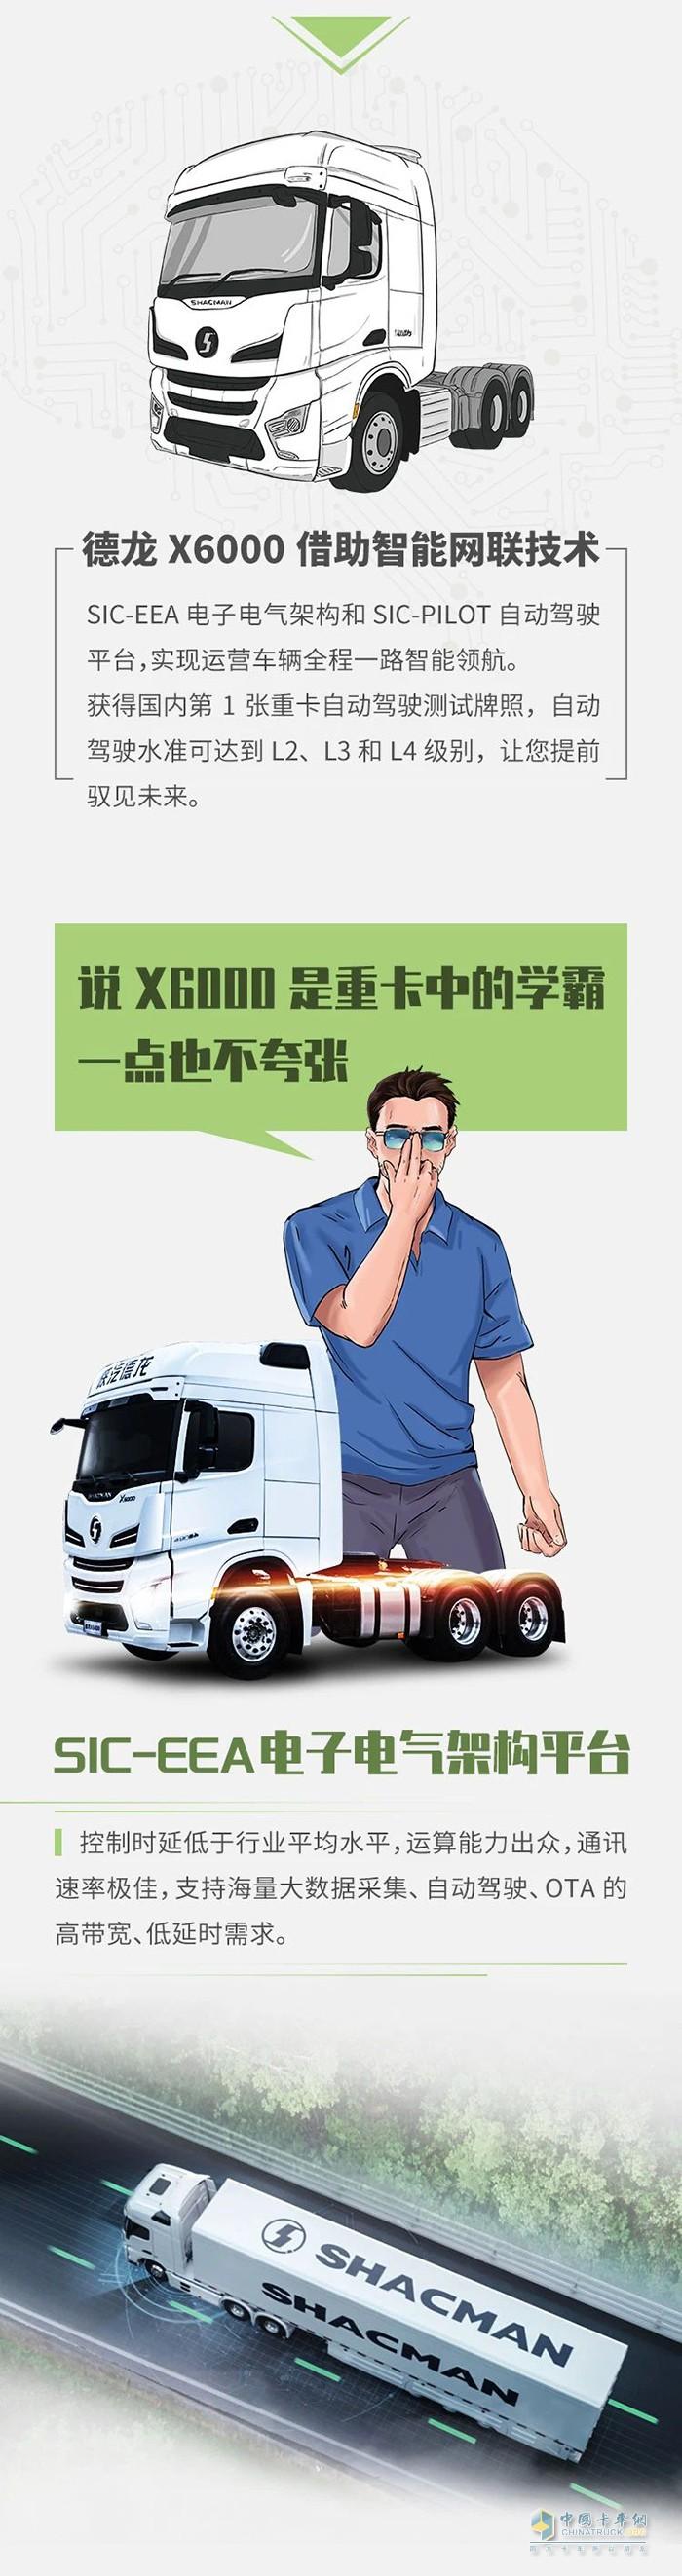 德龙X6000